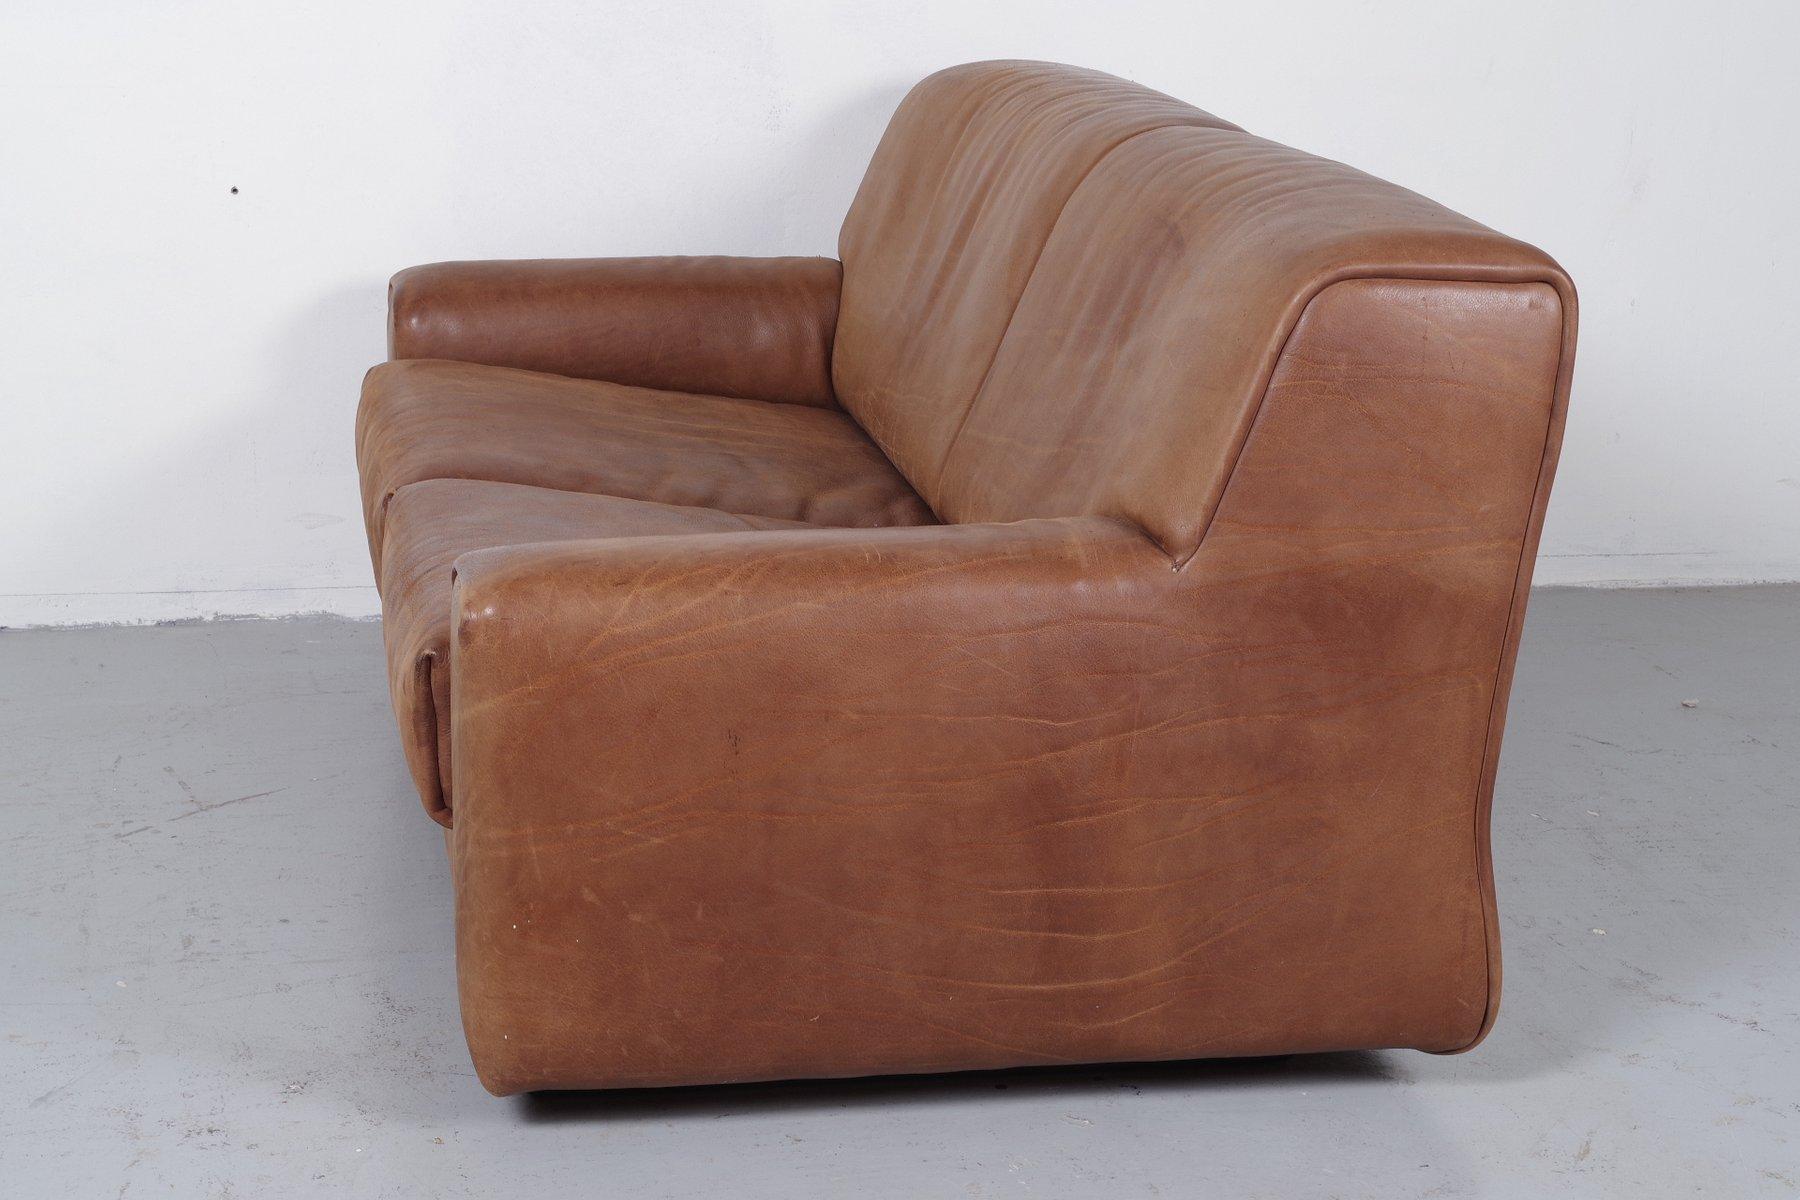 ds42 zwei sitzer sofa von de sede 1985 bei pamono kaufen. Black Bedroom Furniture Sets. Home Design Ideas